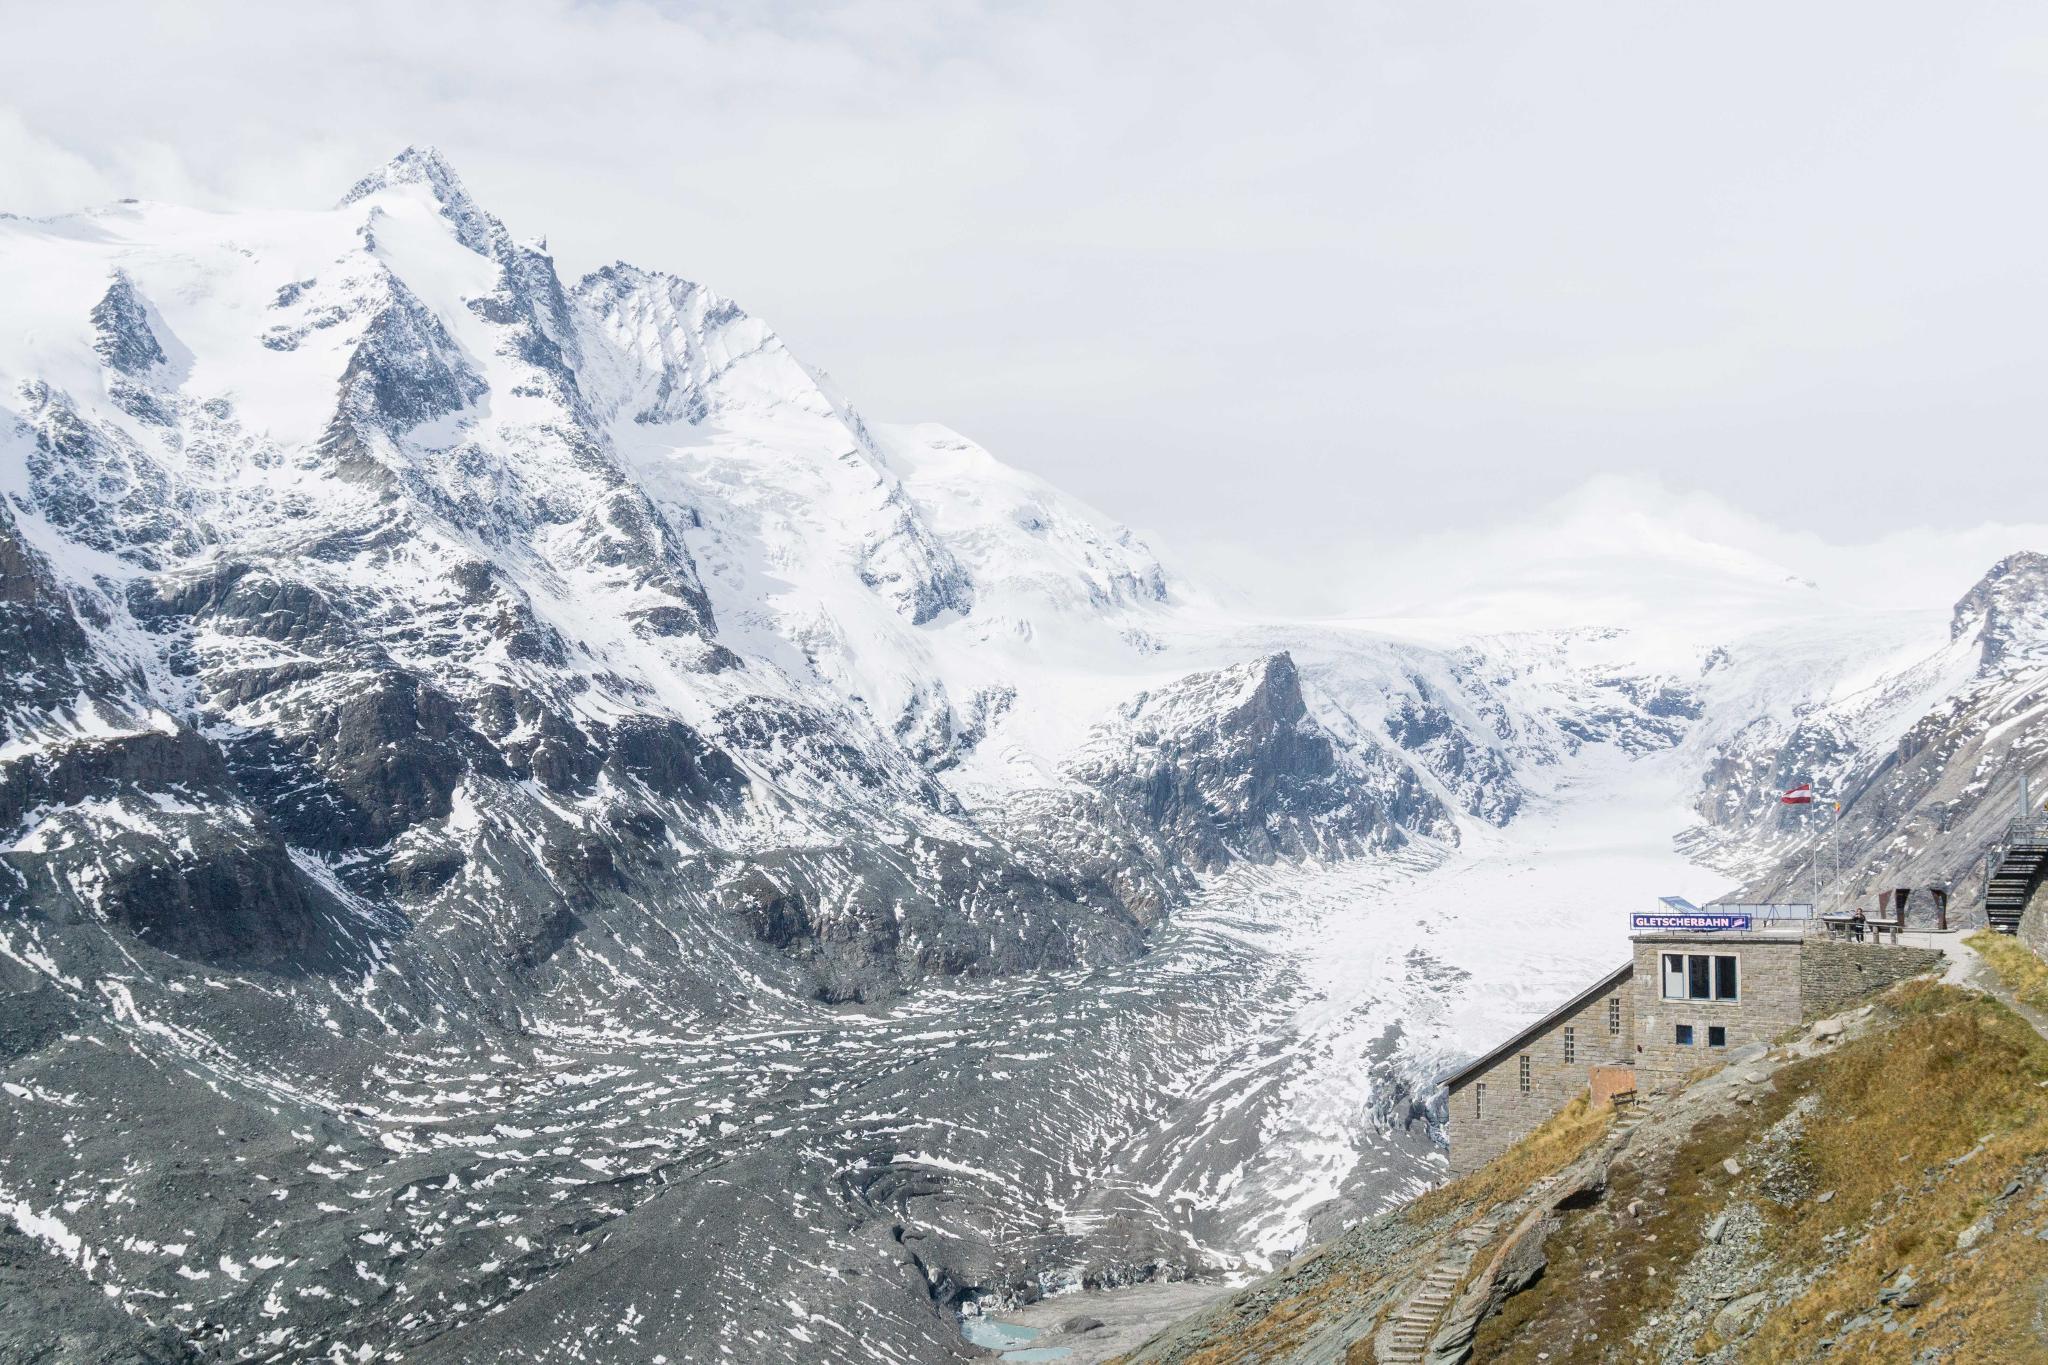 【奧地利】穿越阿爾卑斯之巔 — 奧地利大鐘山冰河公路 (Grossglockner High Alpine Road)